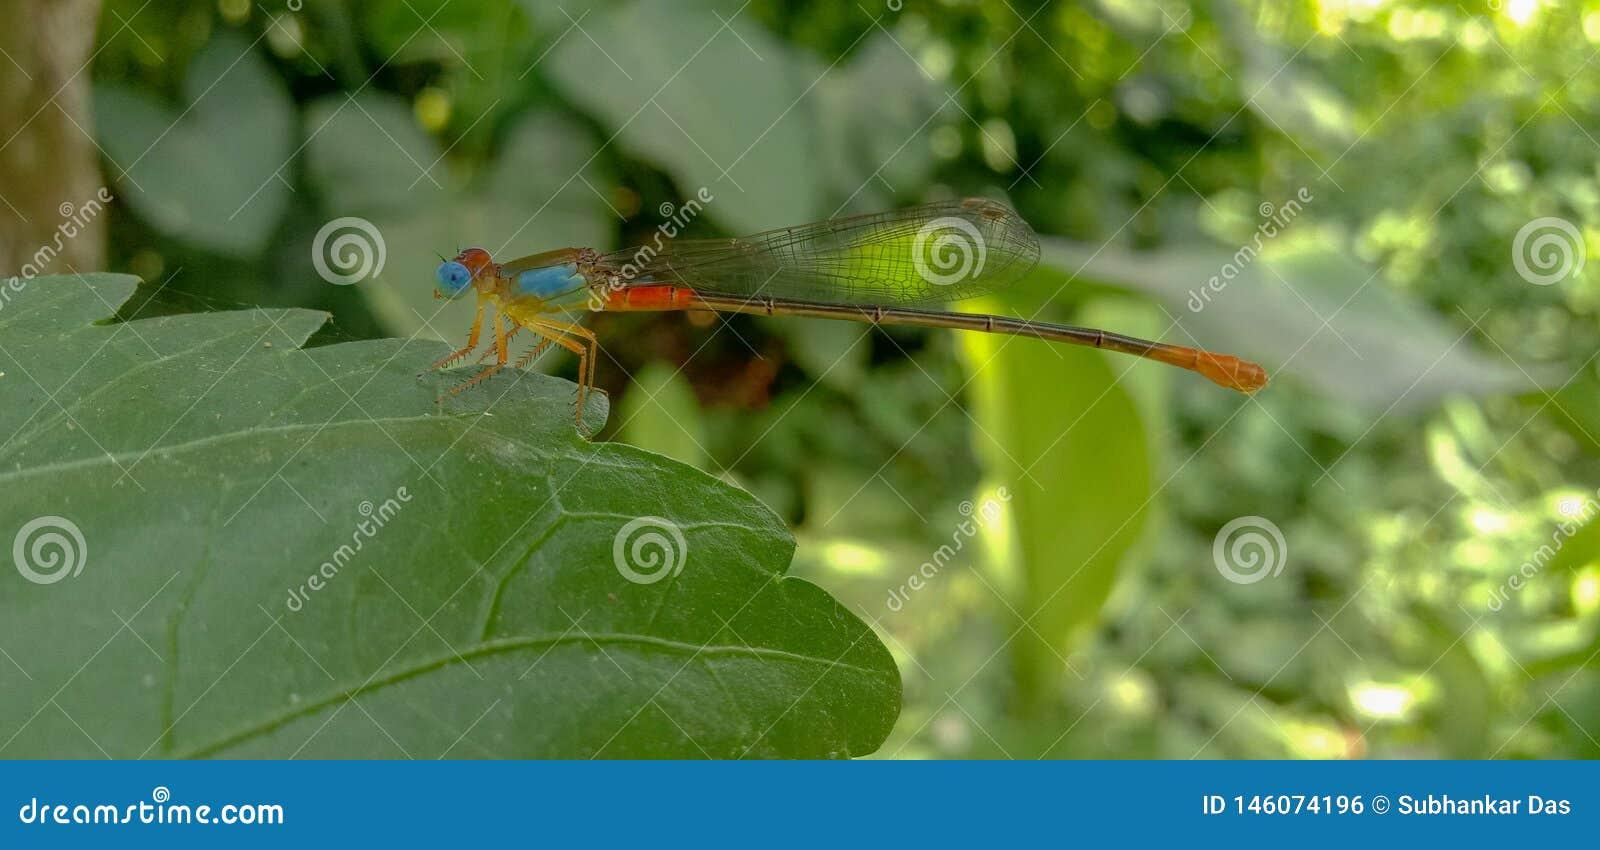 Imagem do inseto eyed azul da libélula em um jardim/floresta com fundo borrado